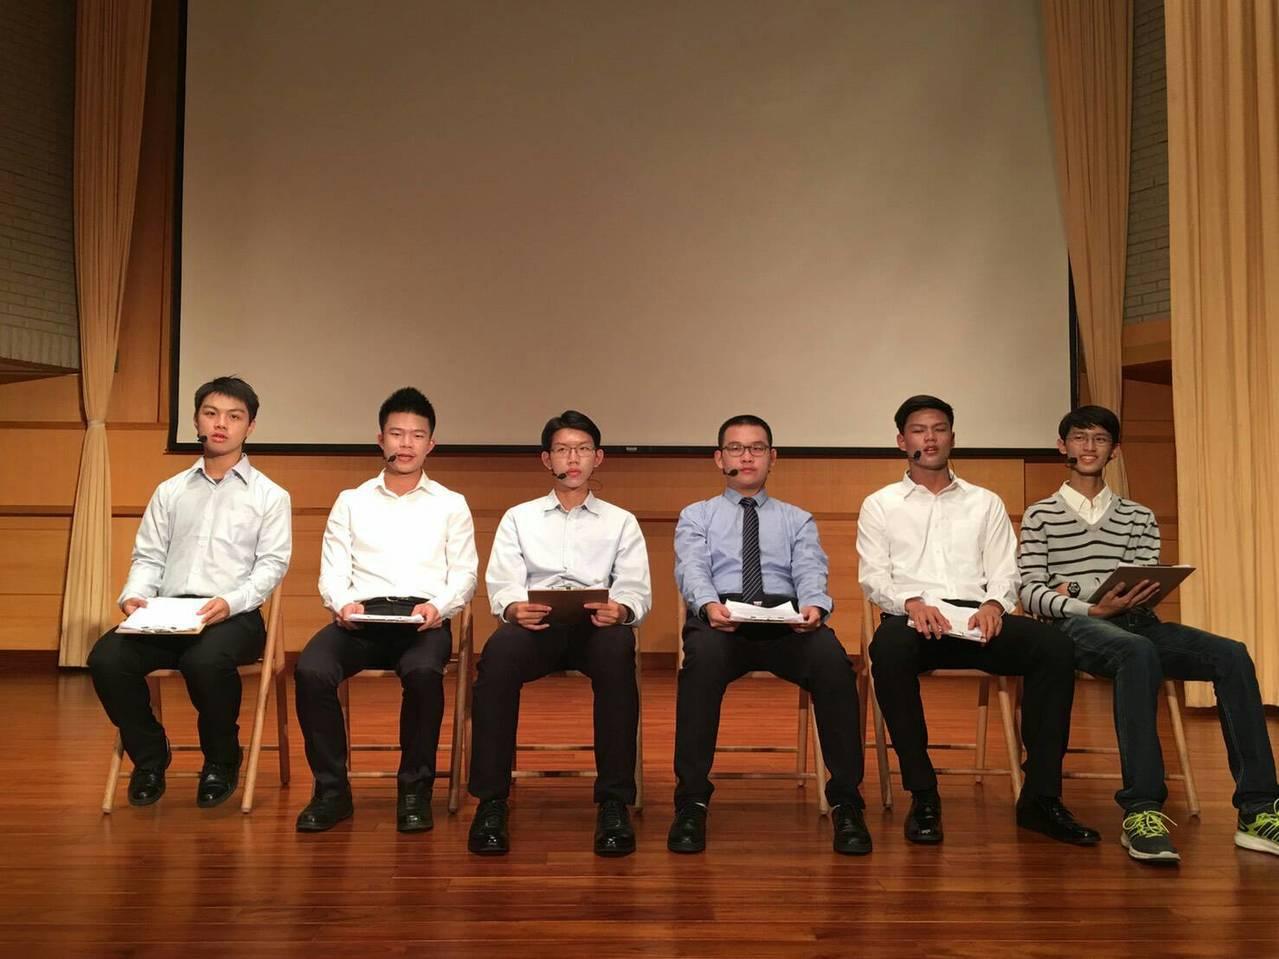 臺南一中學生演出黃春明〈莎喲娜啦・再見〉。圖/臺南一中提供